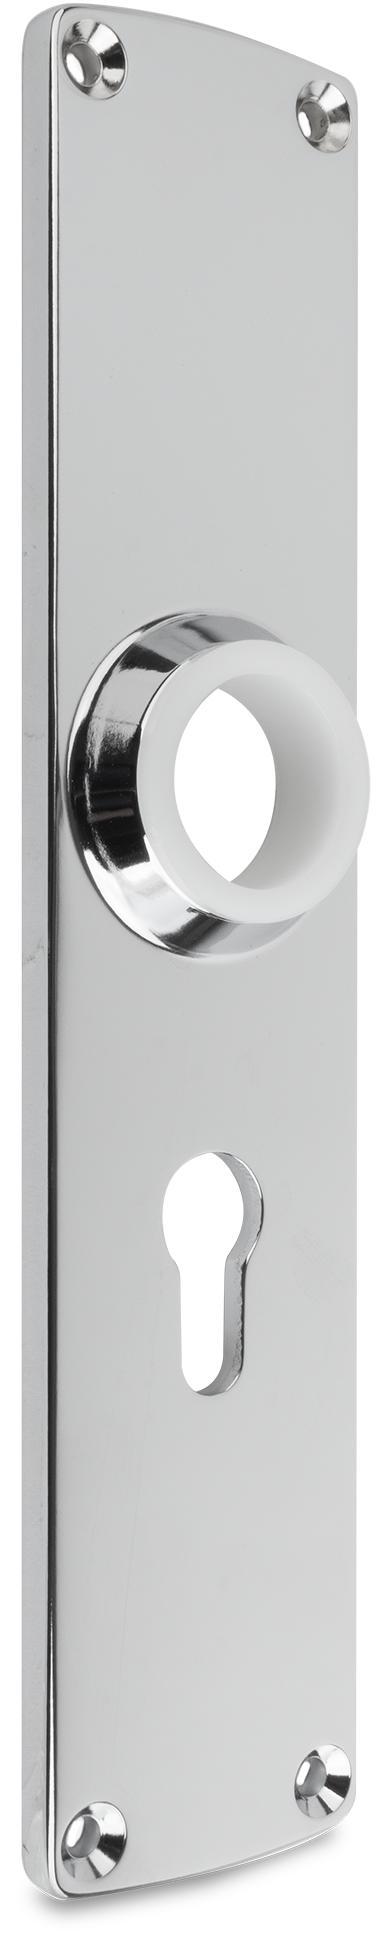 Langschild Zink-Druckguss, verchromt, rechts und links verwendbar, mit PZ-Lochung, Entfernung 60 mm